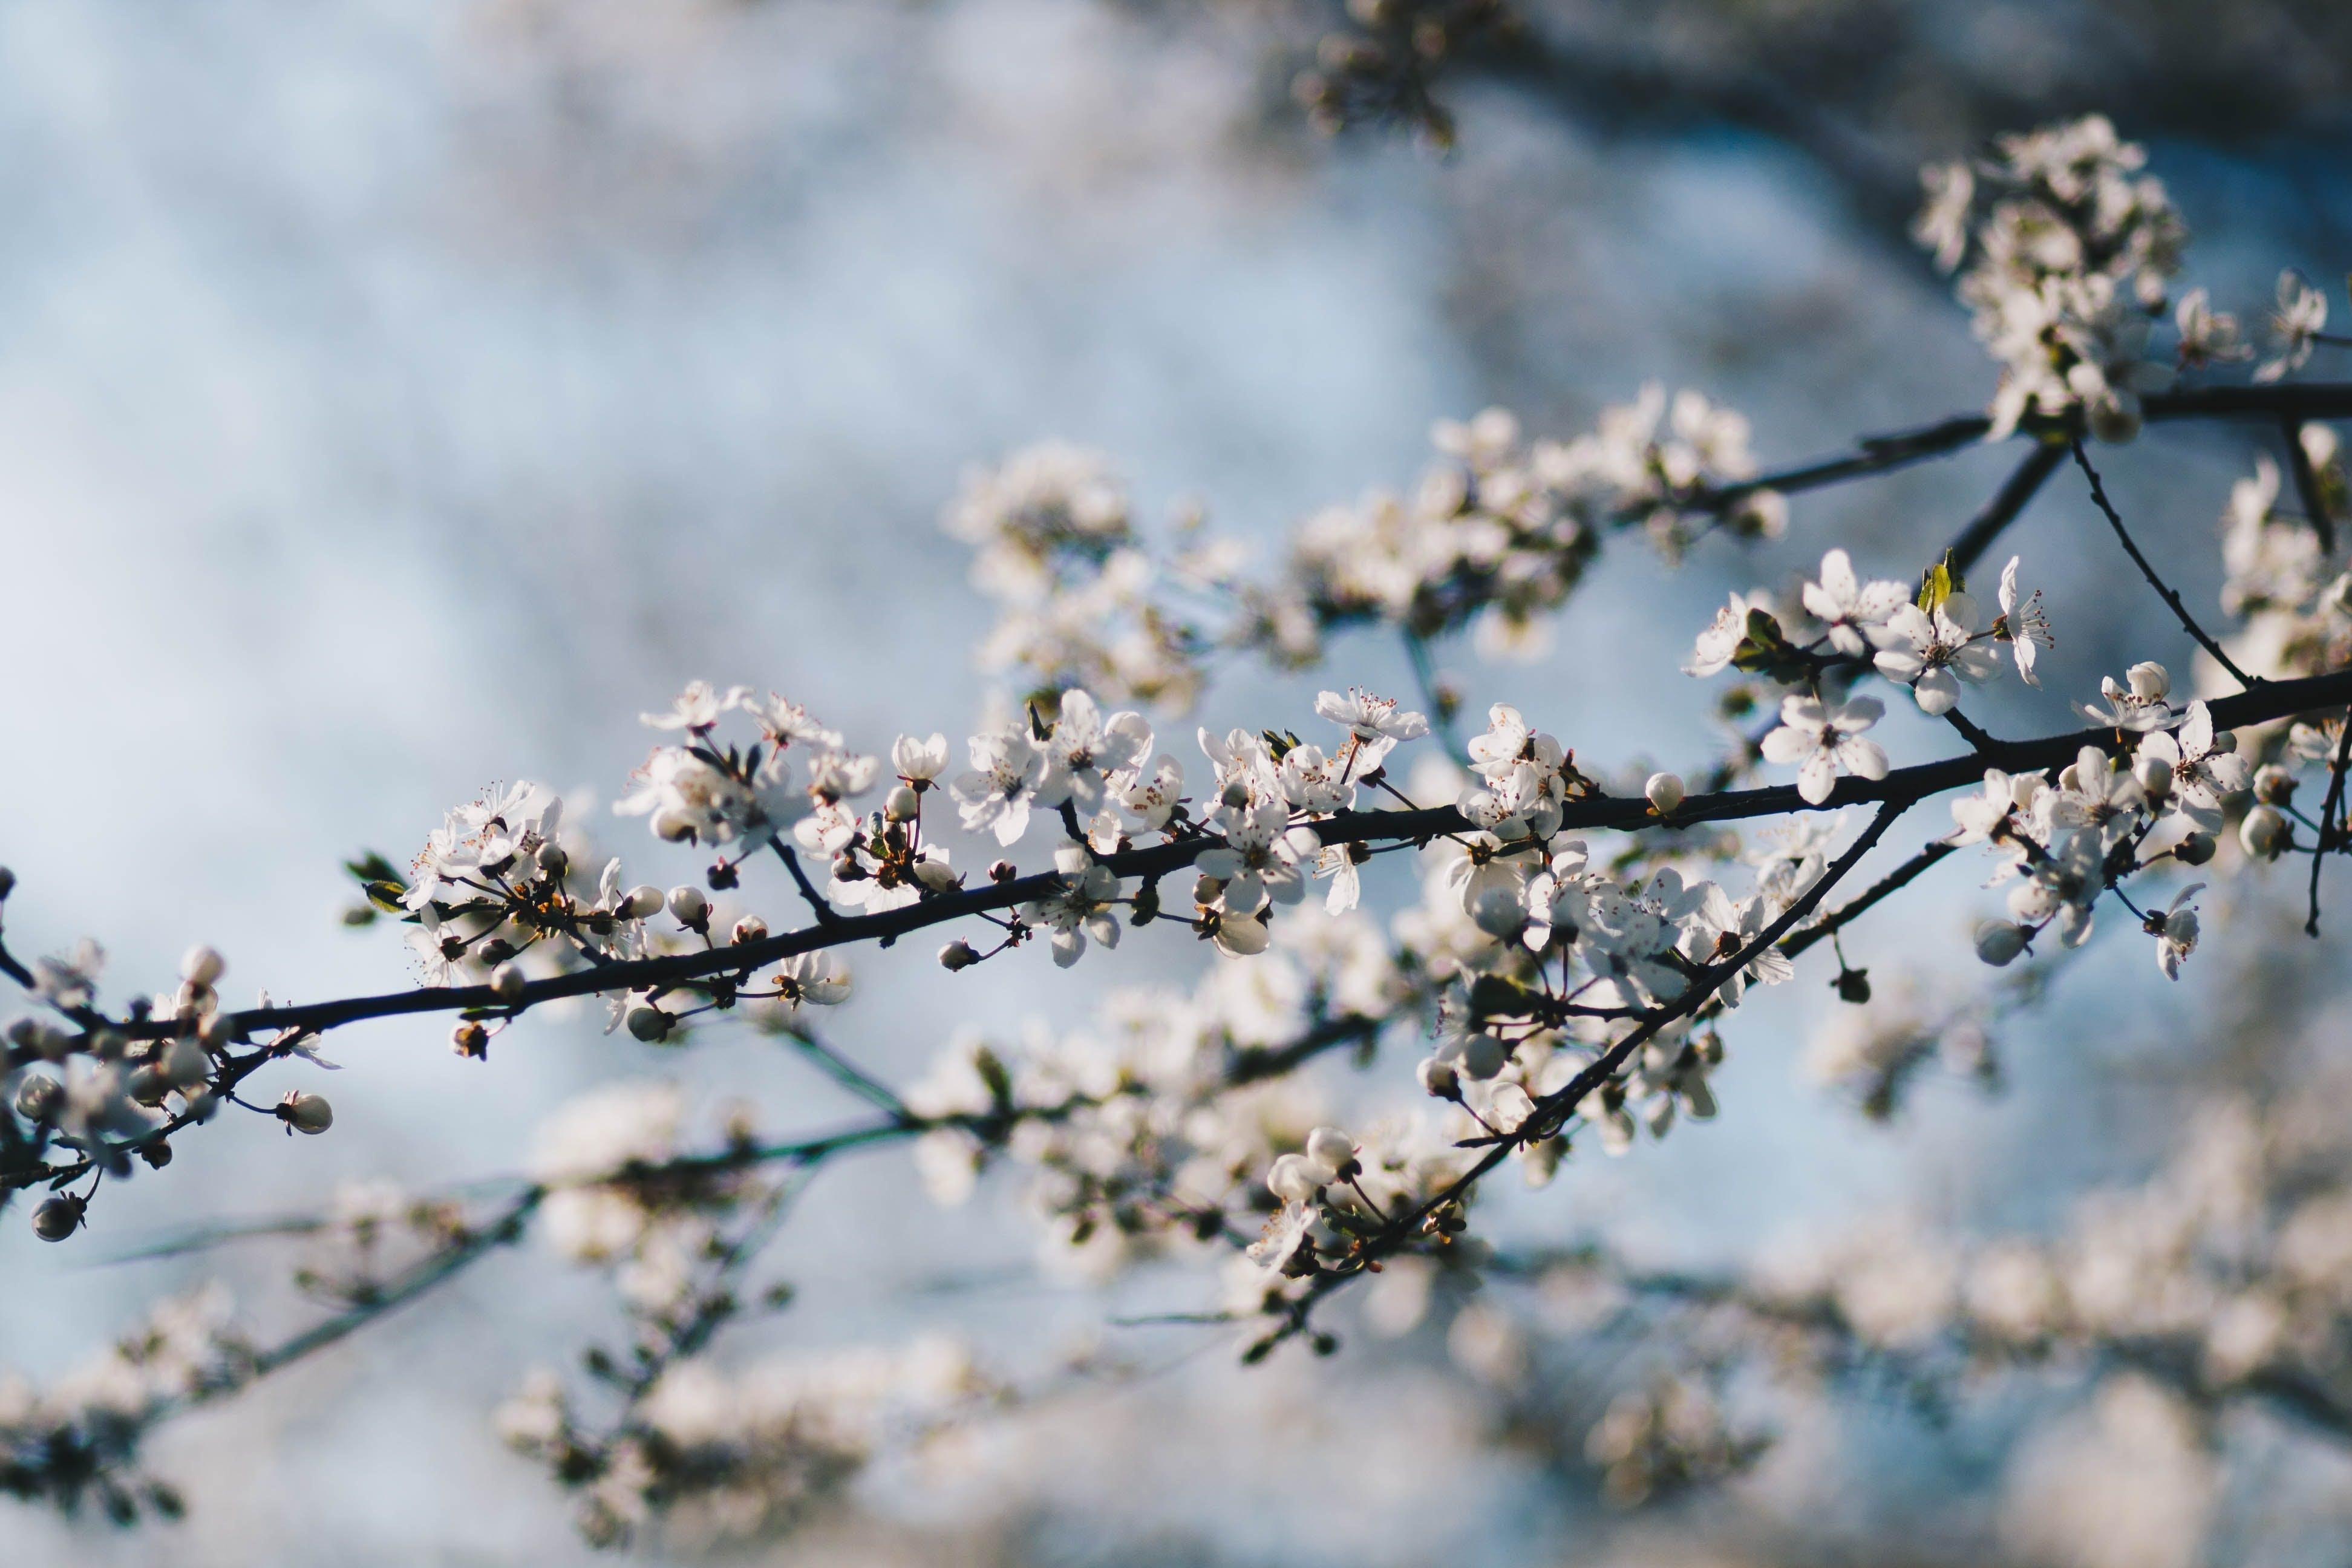 꽃, 꽃이 피는, 섬세한, 성장의 무료 스톡 사진